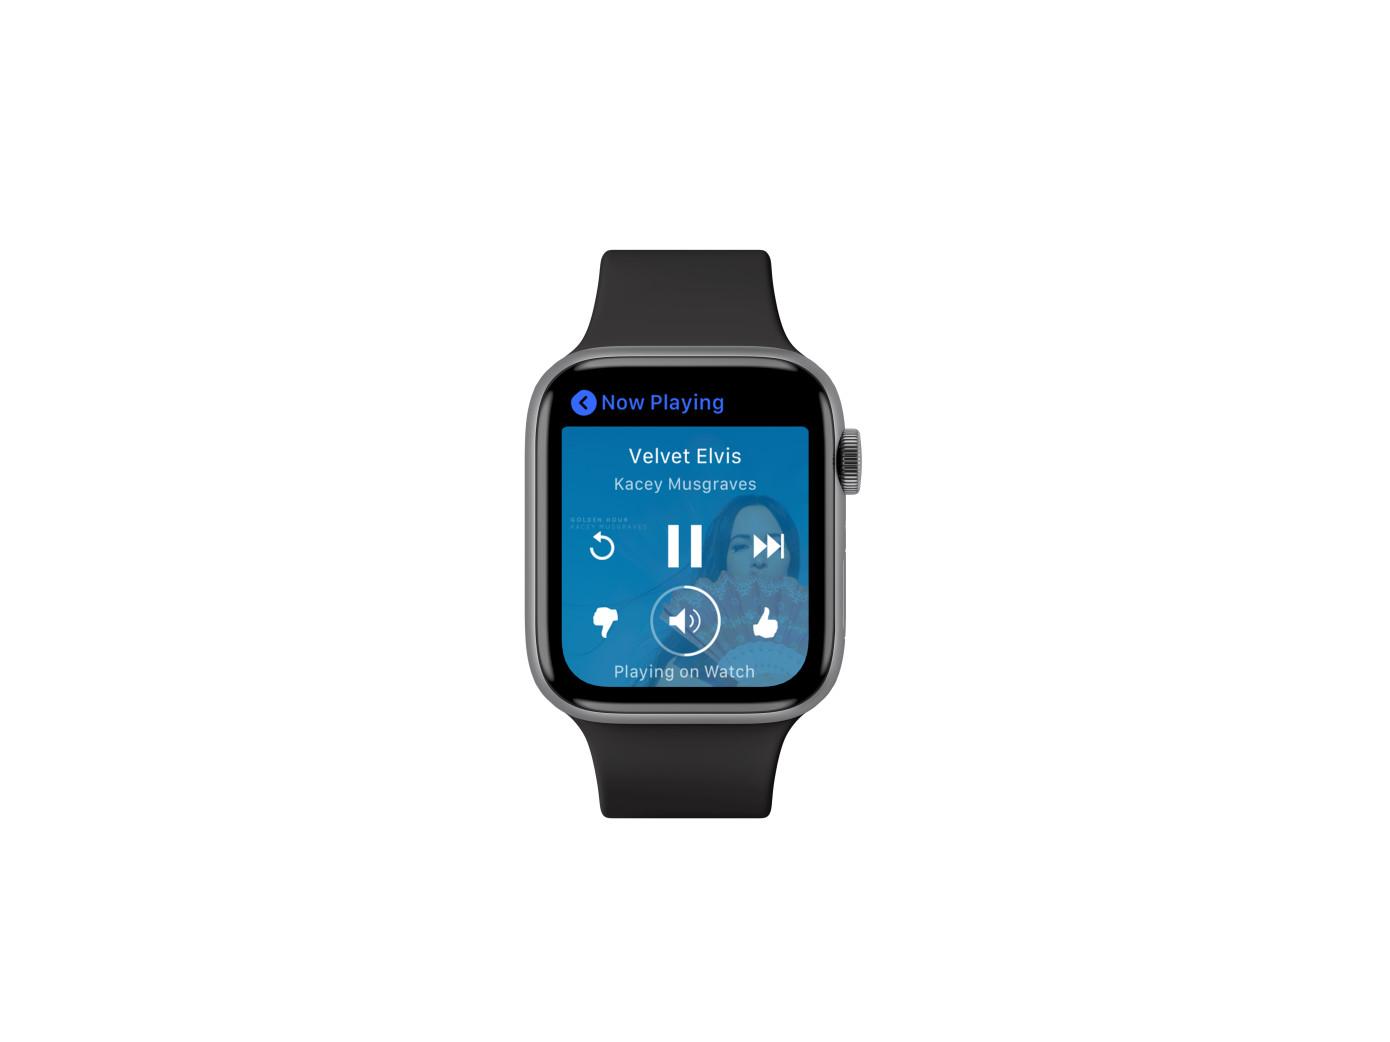 La aplicación Apple Watch de Pandora permite dejar el iPhone atrás